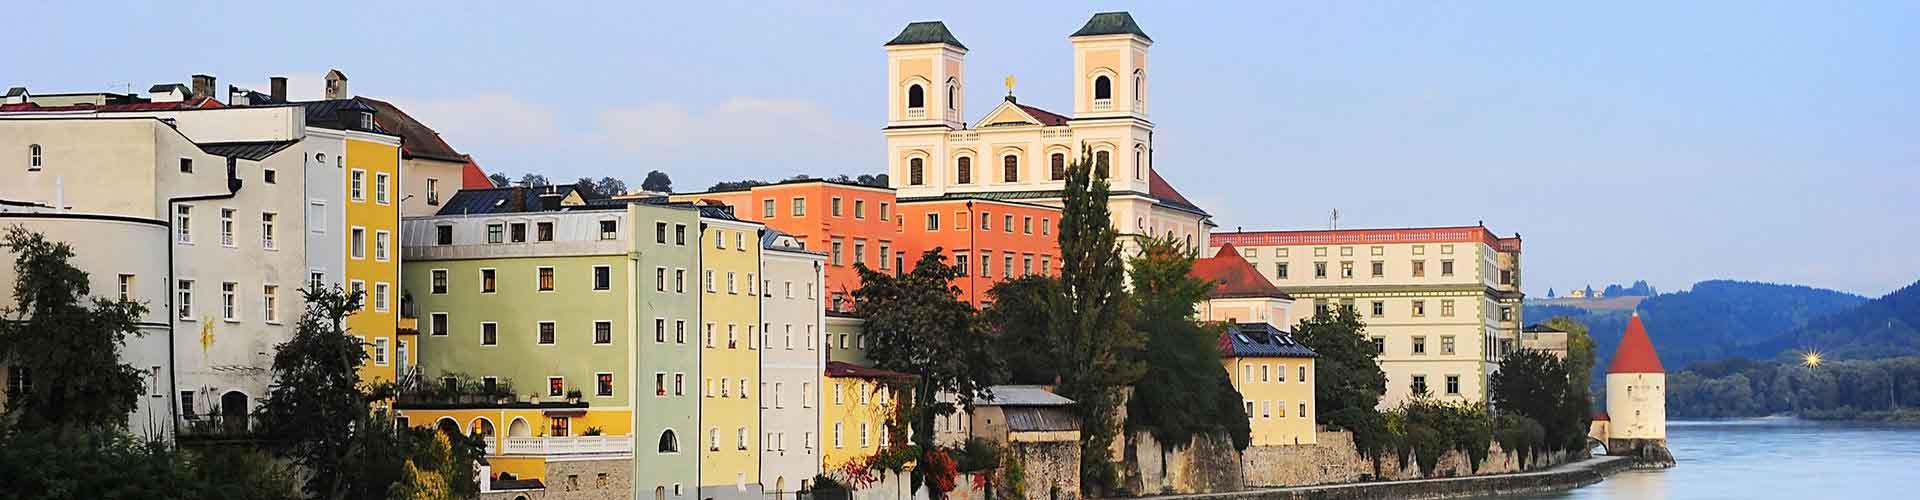 Regensburg - Habitaciones en Regensburg. Mapas de Regensburg, Fotos y comentarios de cada Habitación en Regensburg.